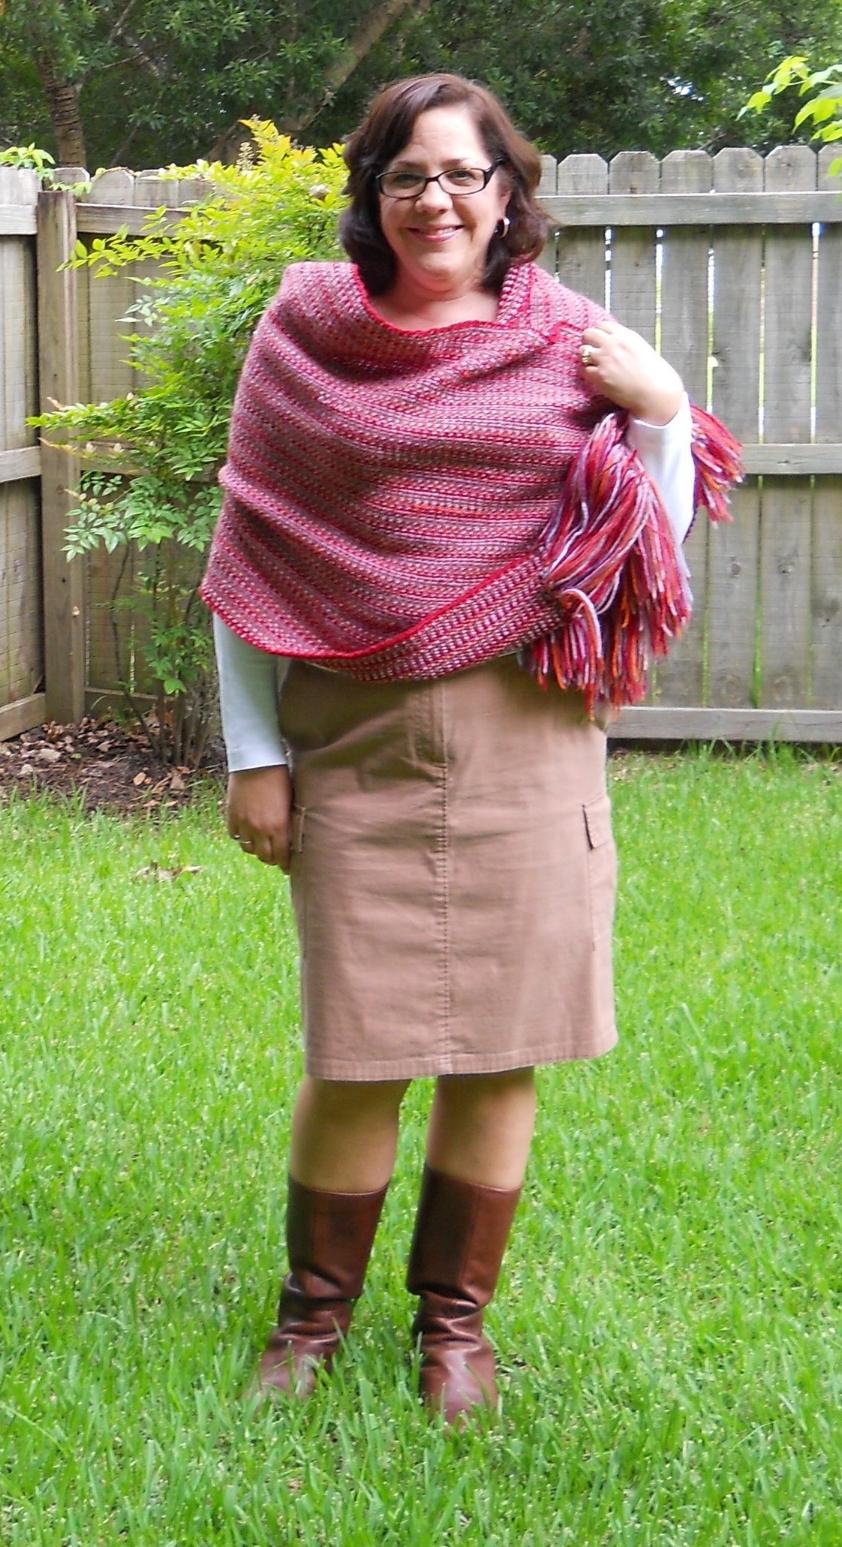 Tamara, wearing the Tamara Wrap. Pattern by Melissa Leapman.